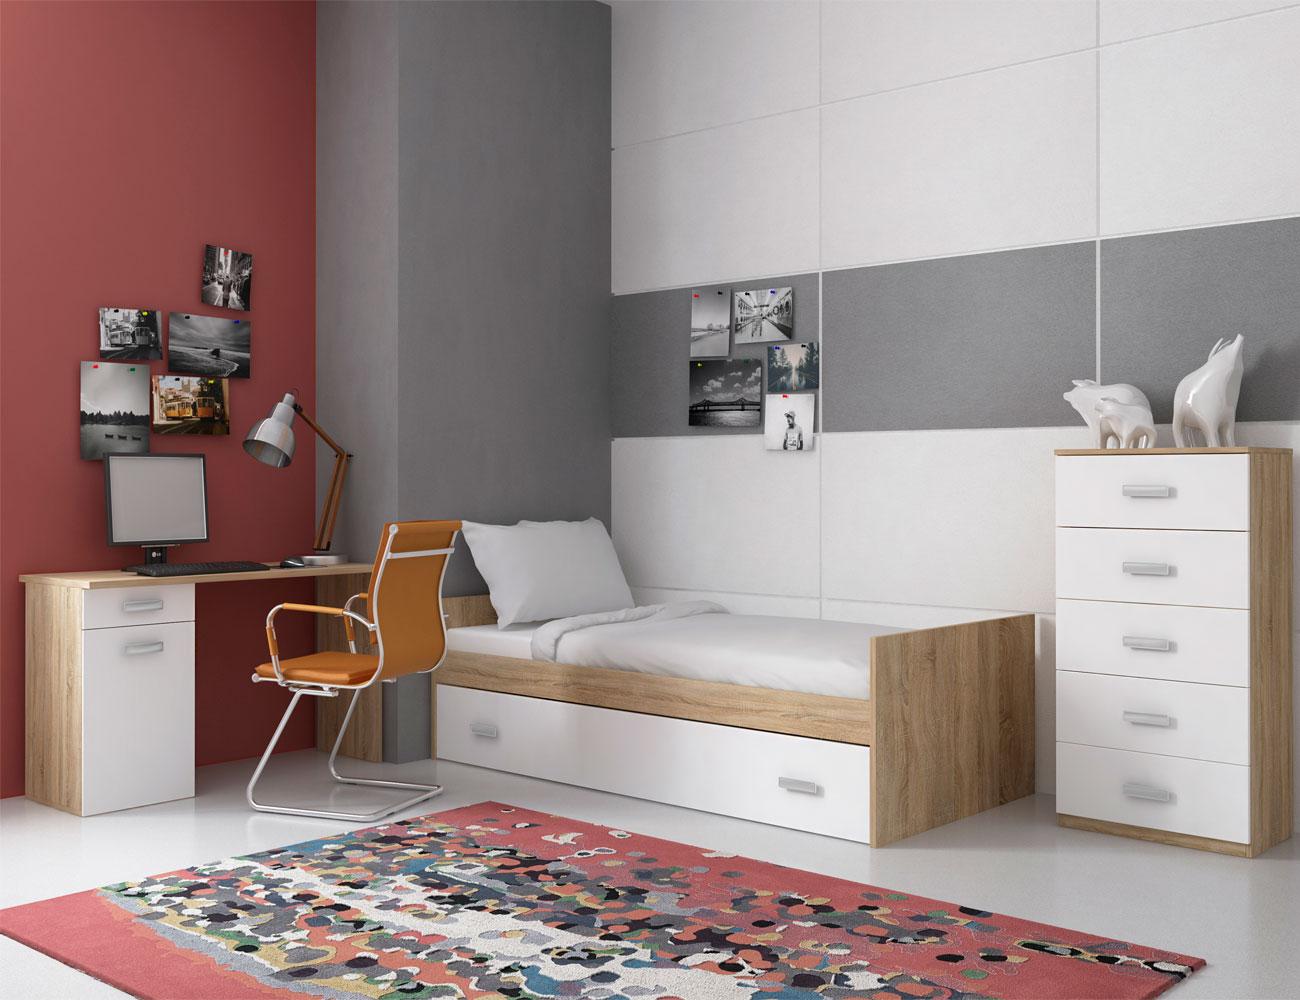 Dormitorio juvenil con cama nido sinfonier y mesa estudio Dormitorio juvenil en l